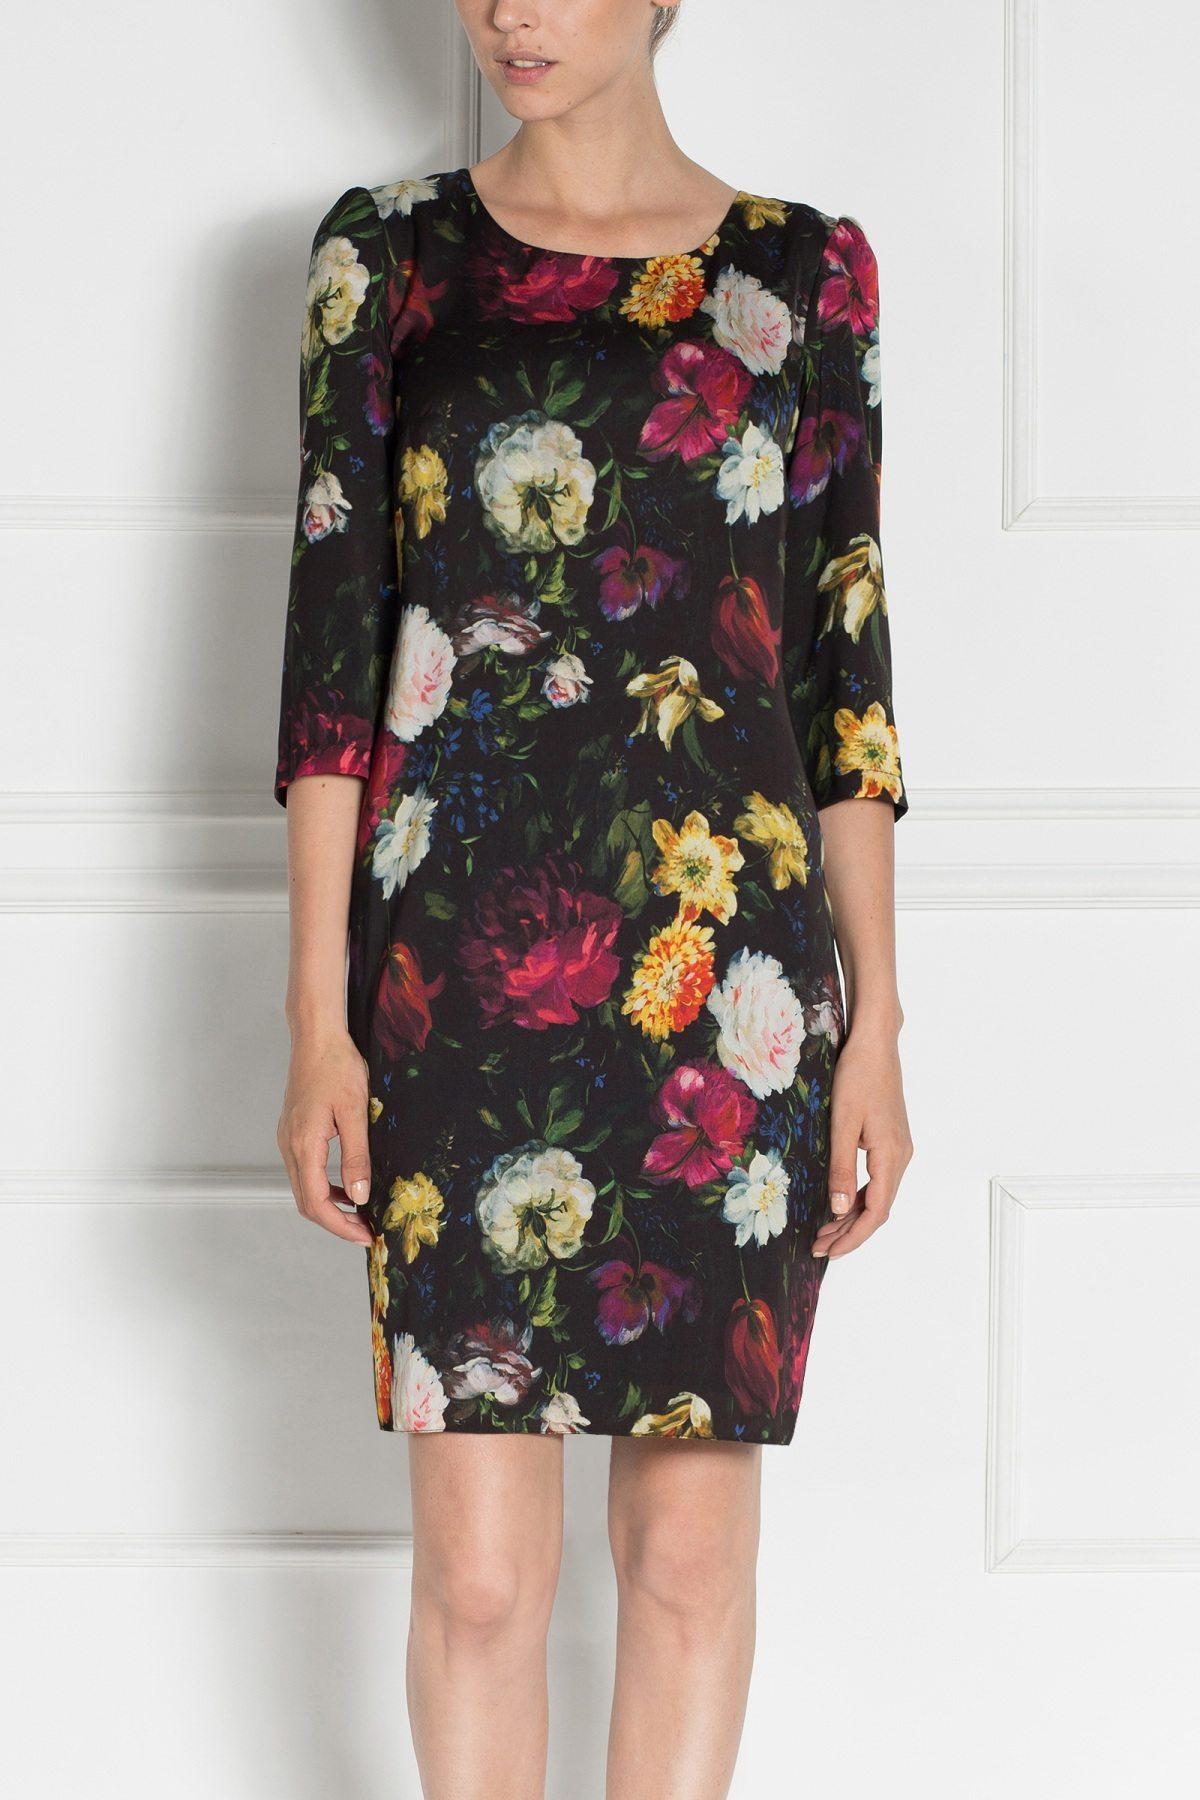 Rochie midi cu imprimeu floral Imprimat/Negru